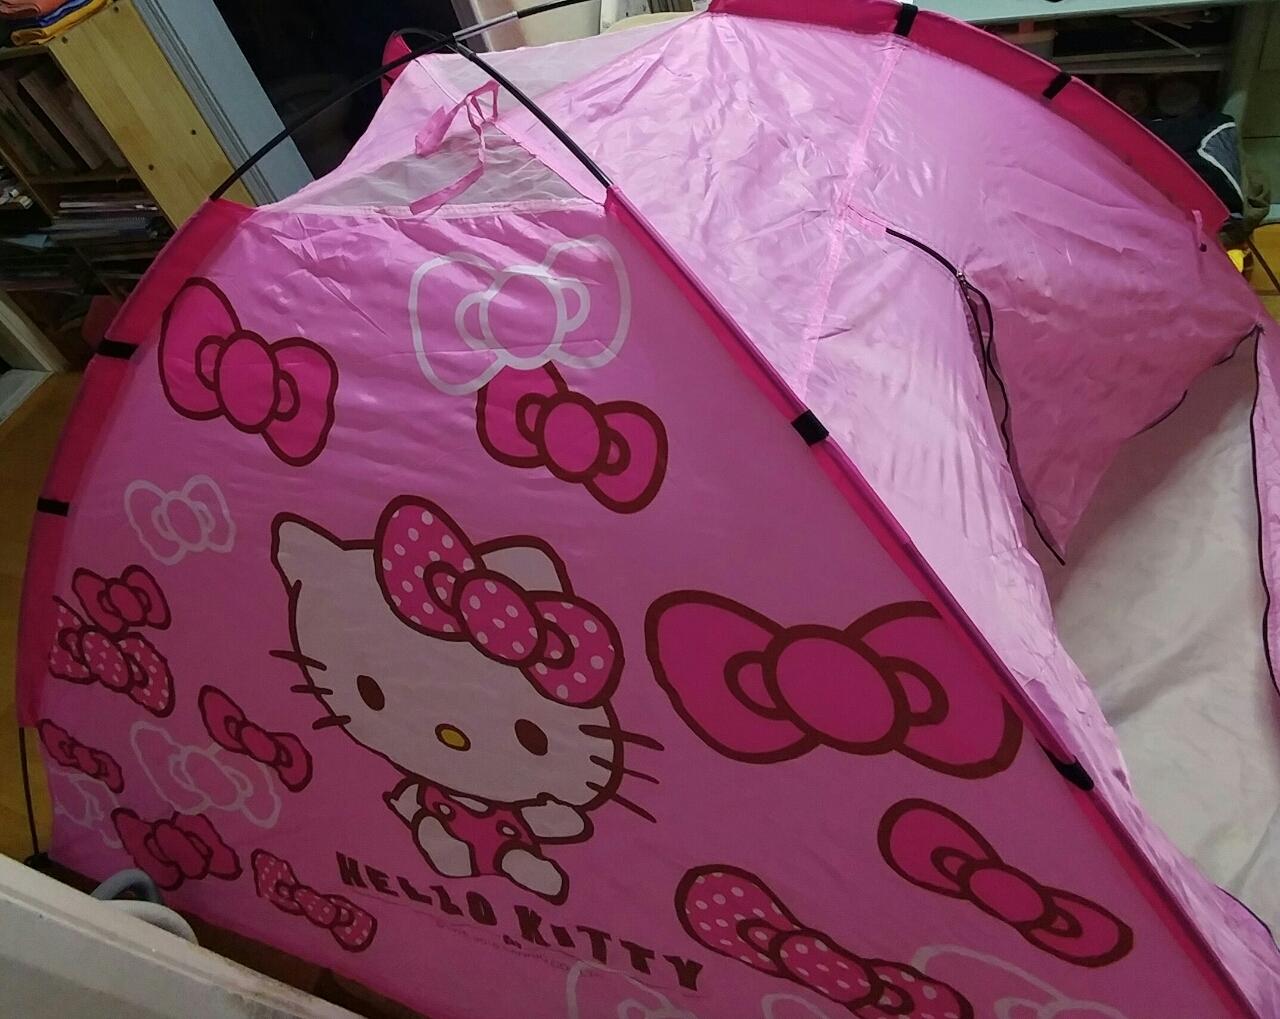 헬로키티 2인용 텐트 팝니다